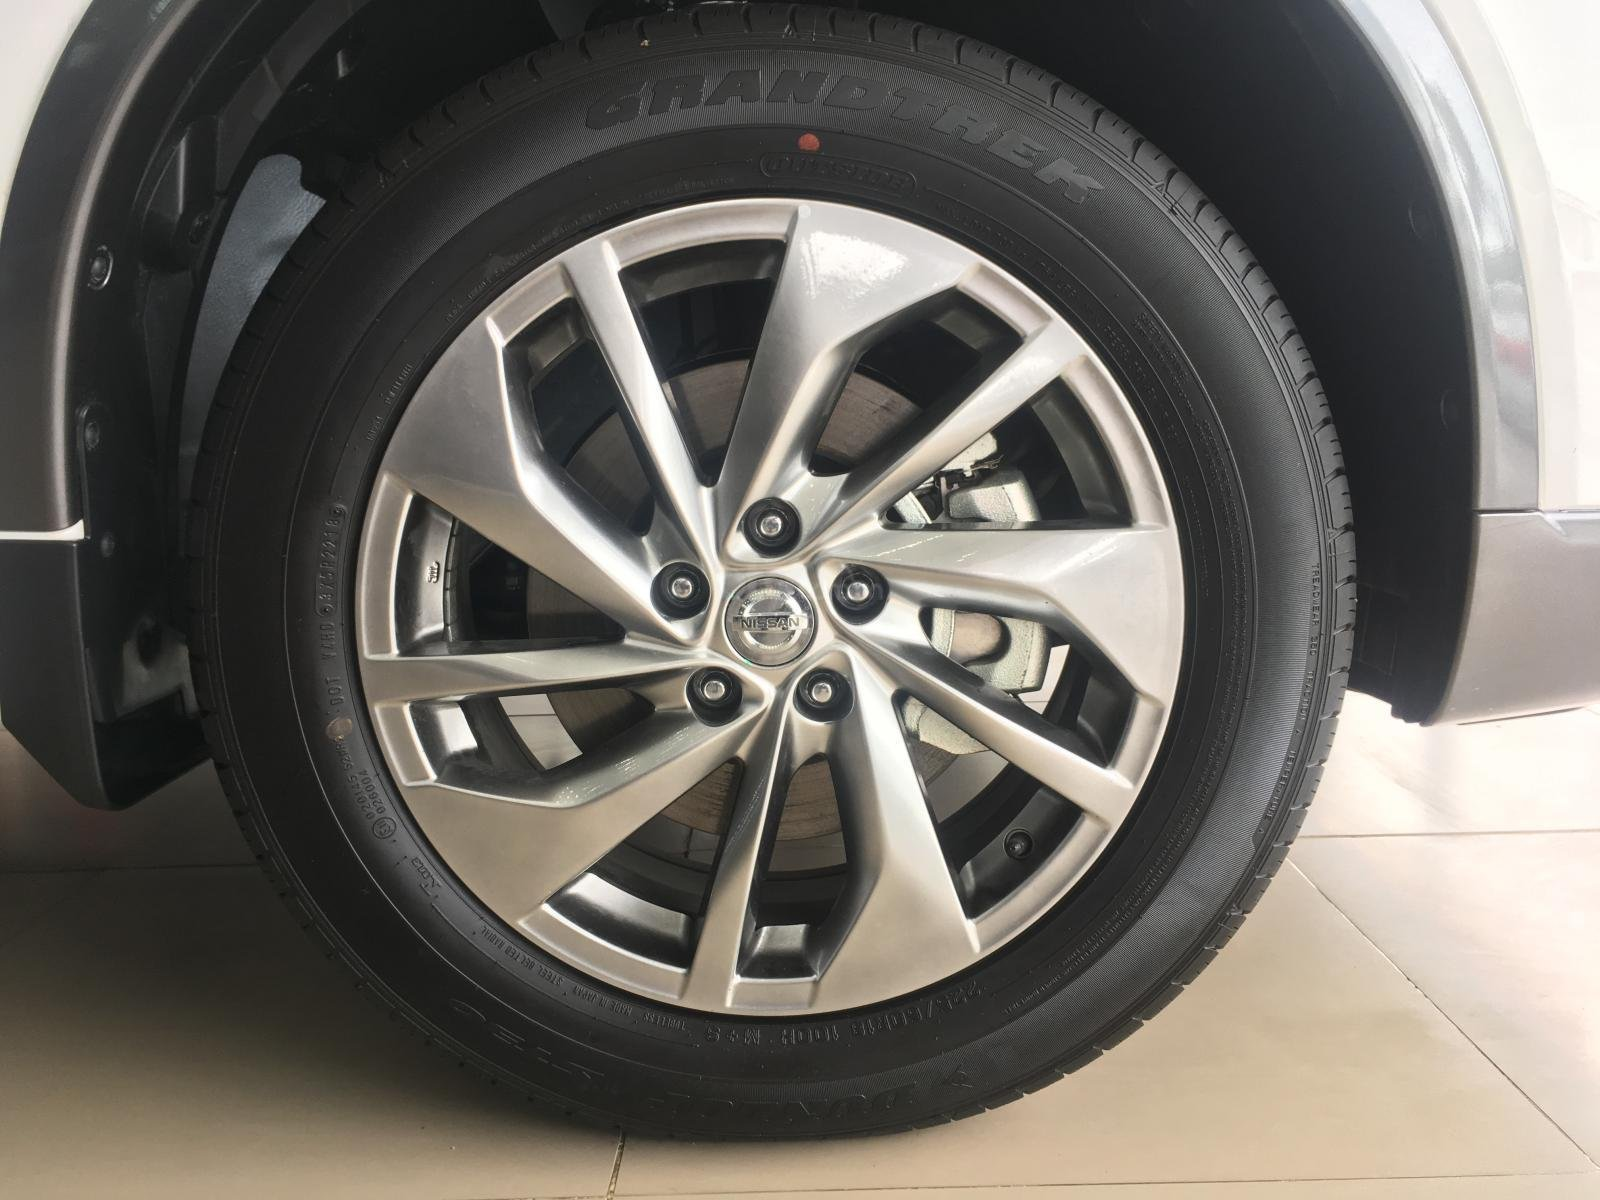 Bán ô tô Nissan X trail 2.0 Luxury 2019, màu trắng giá tốt nhất-1